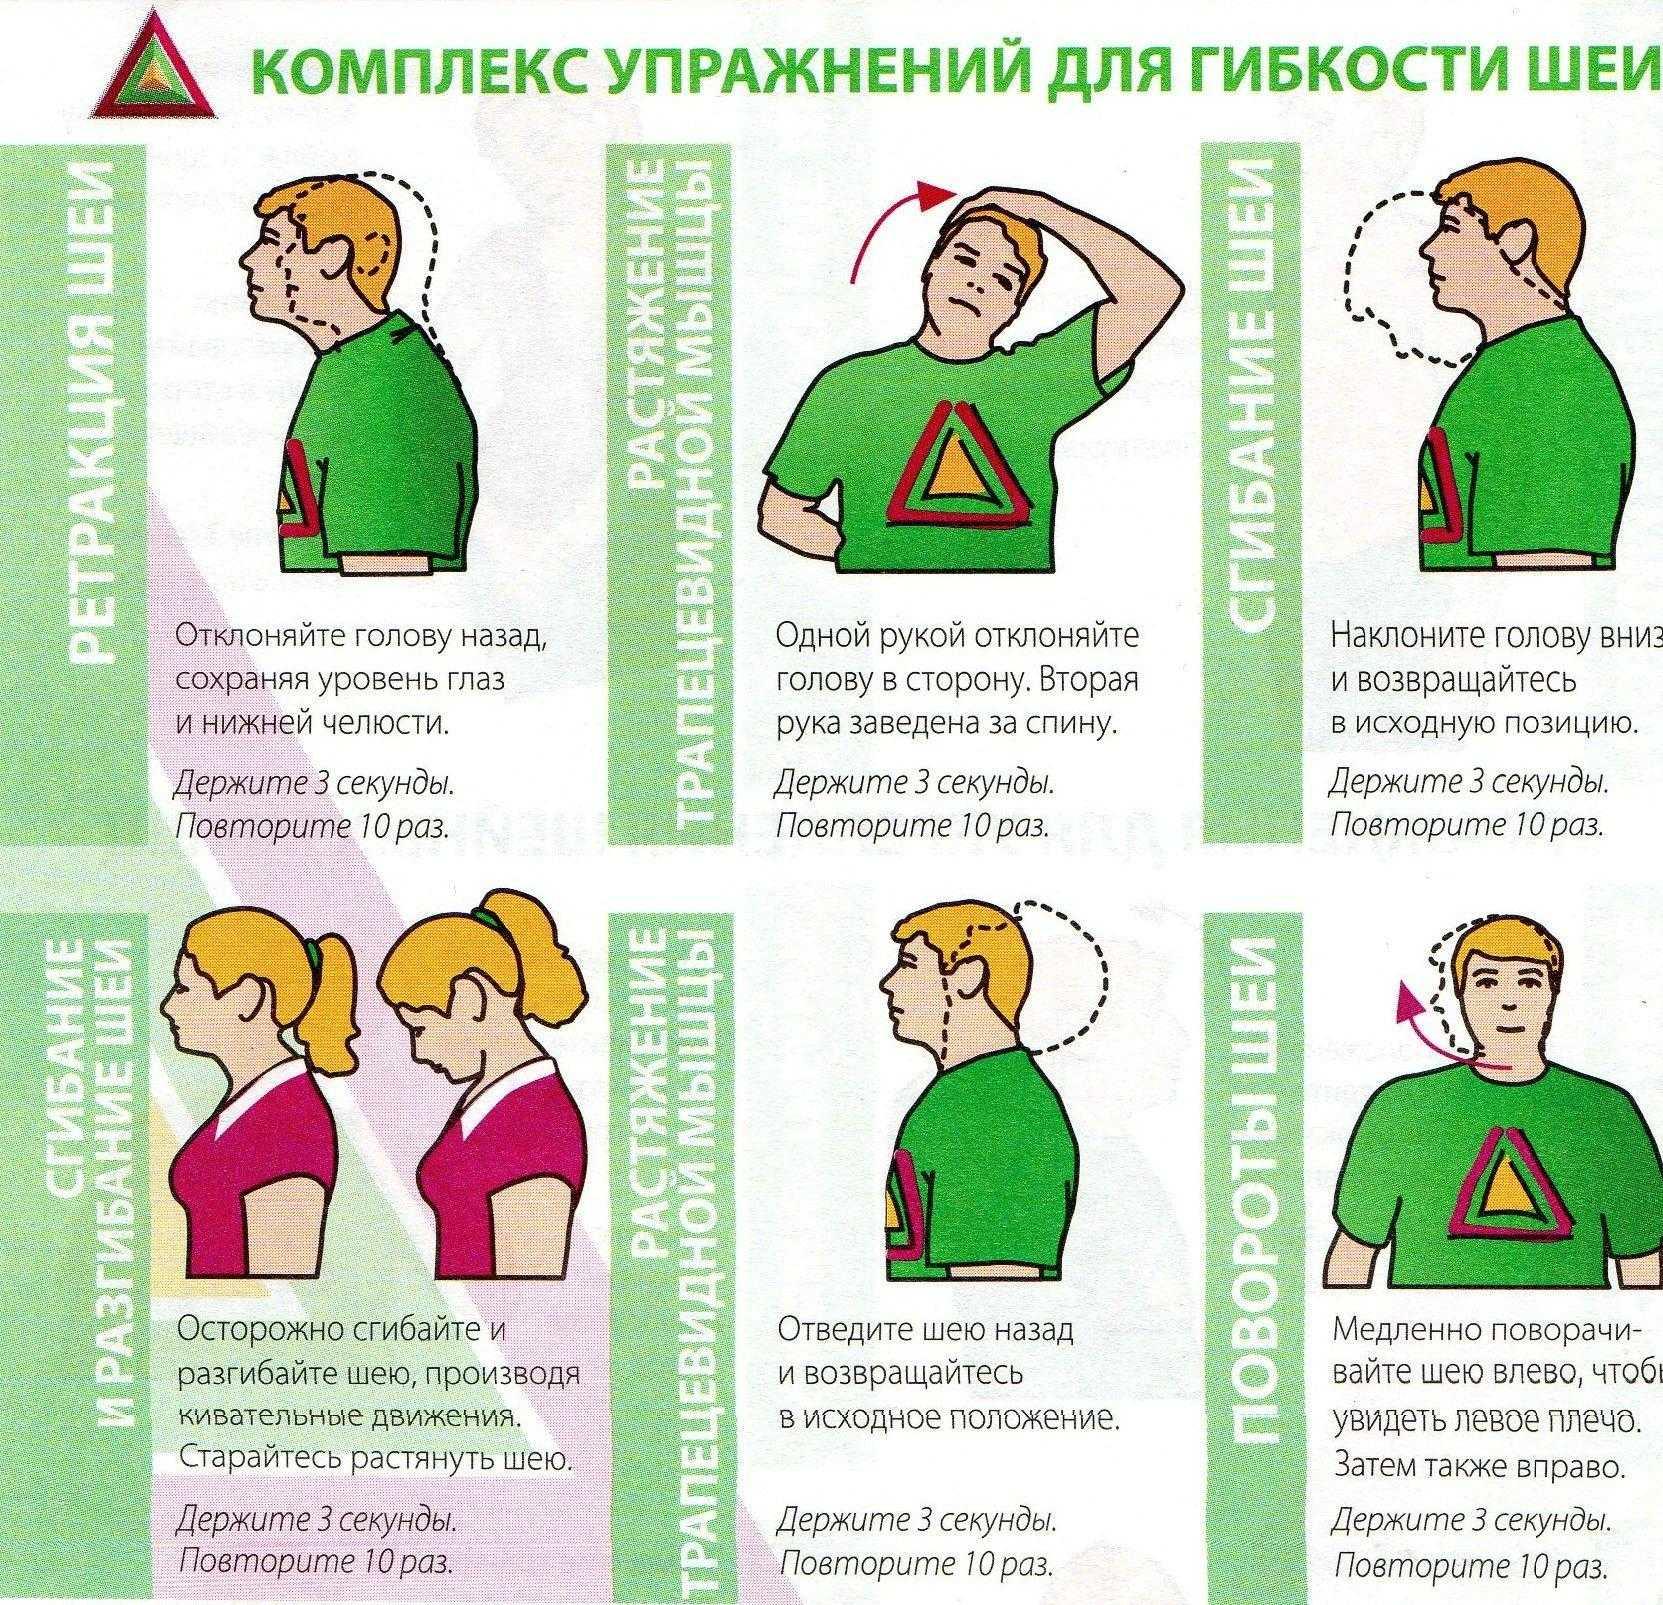 Упражнения для спины при грыжах позвоночника: лечебная гимнастика для укрепления мышц, занятия по методам бубновского, дикуля и евминова